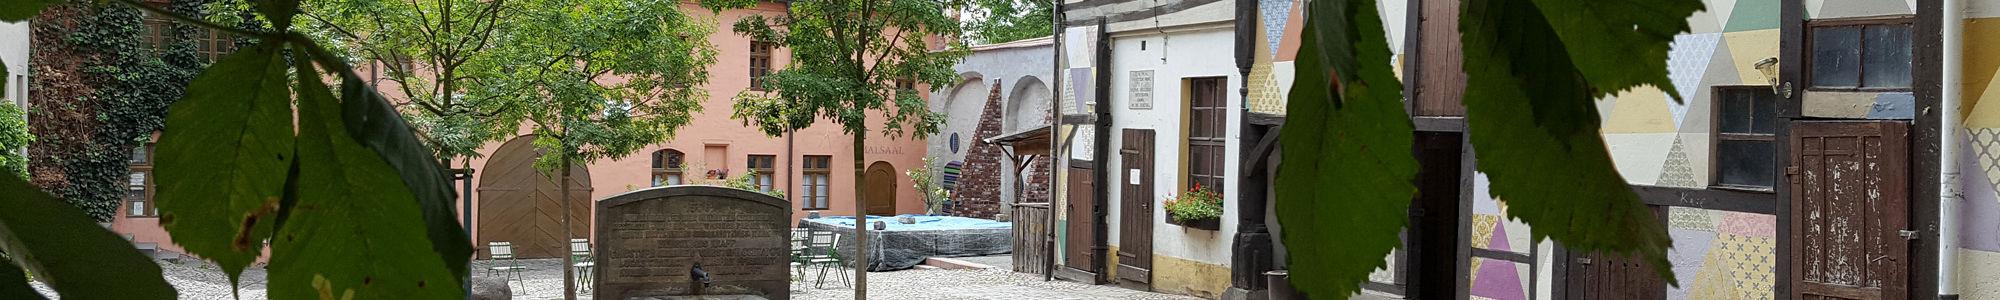 Röhrwasser Cranach Hof